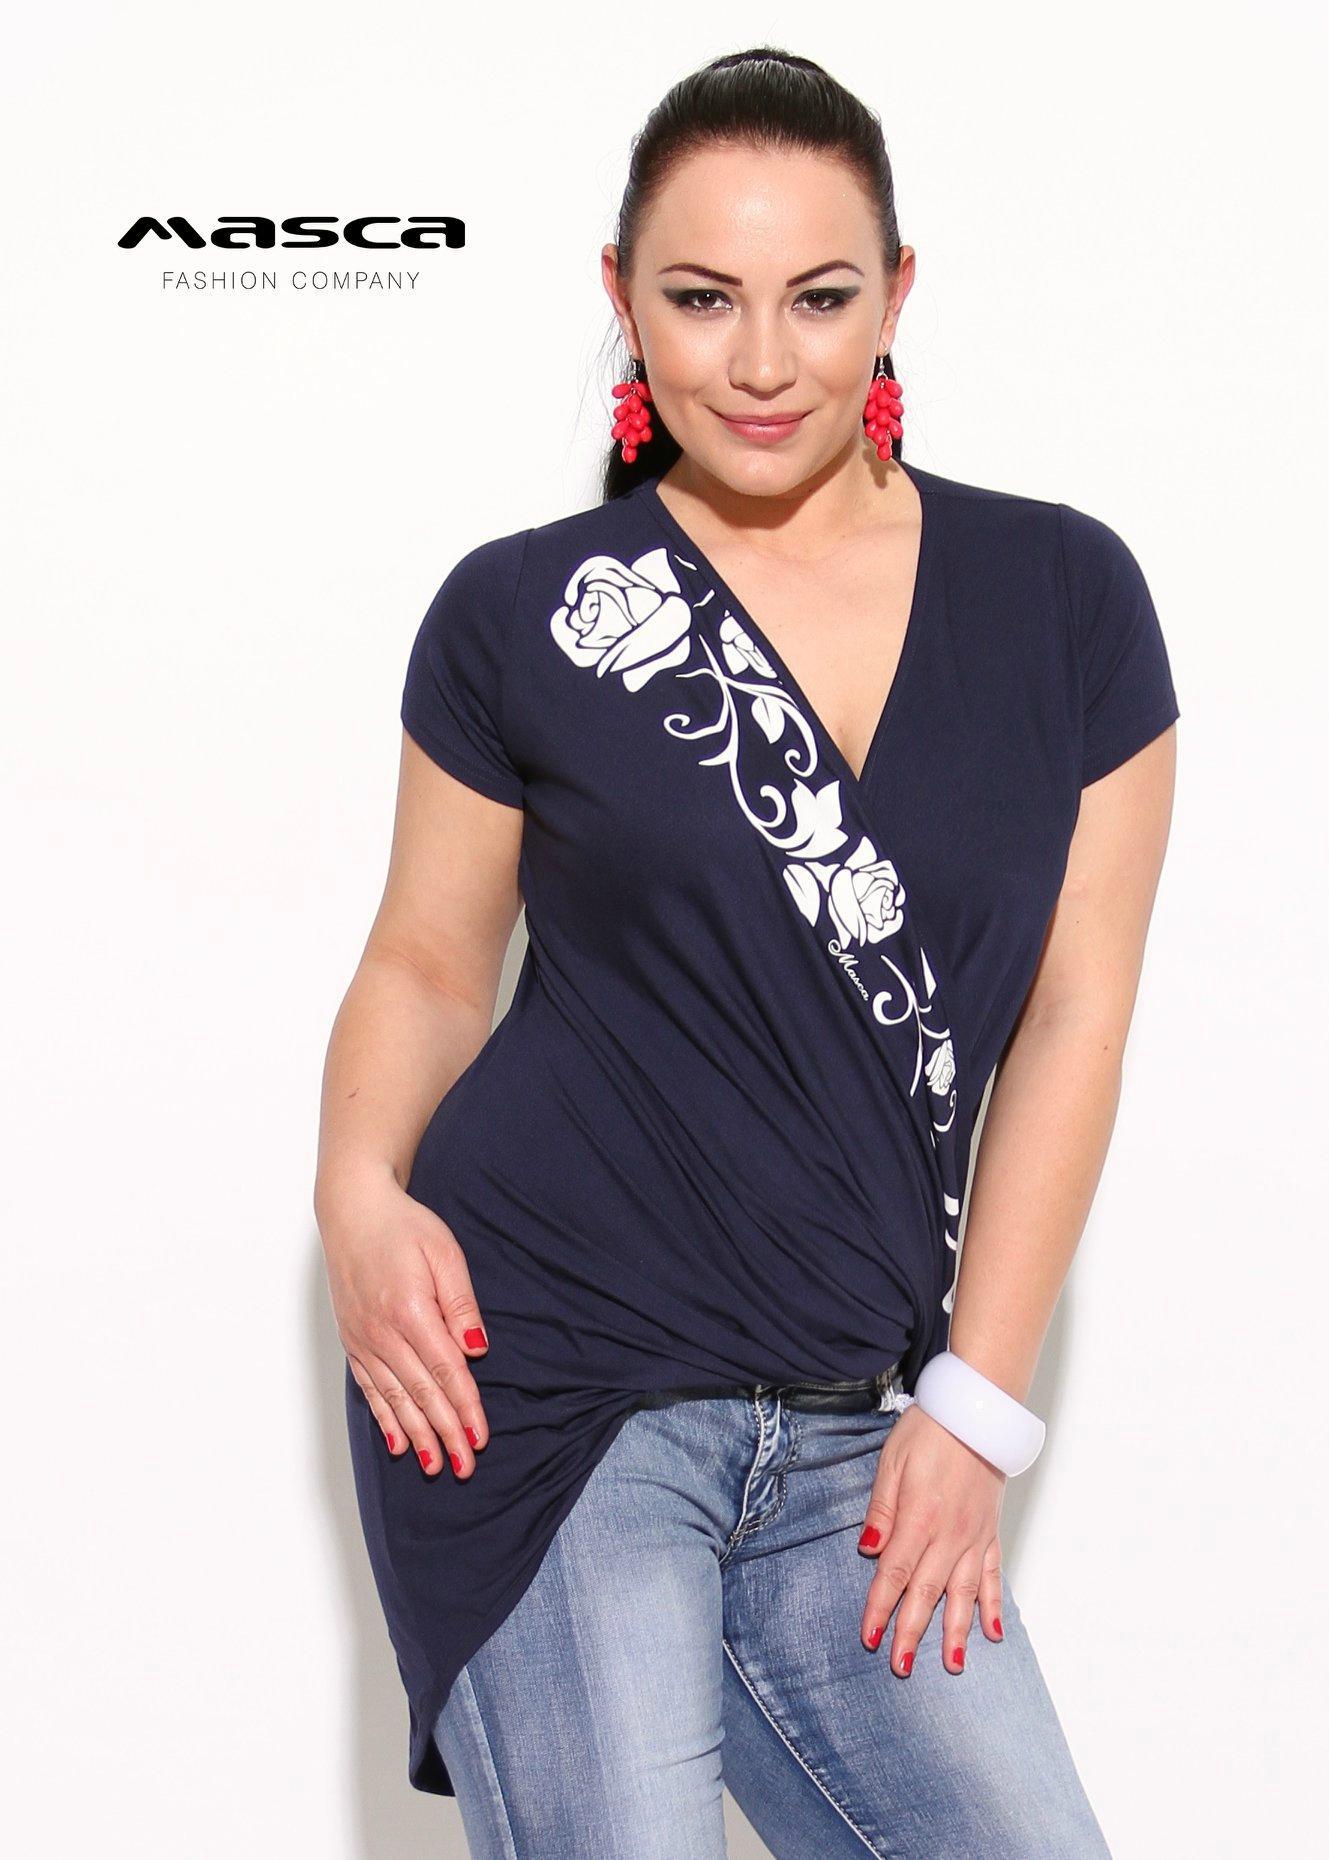 e93f01de7a Masca Fashion csavartan átlapolt elejű, rövid ujjú sötétkék felső, tunika